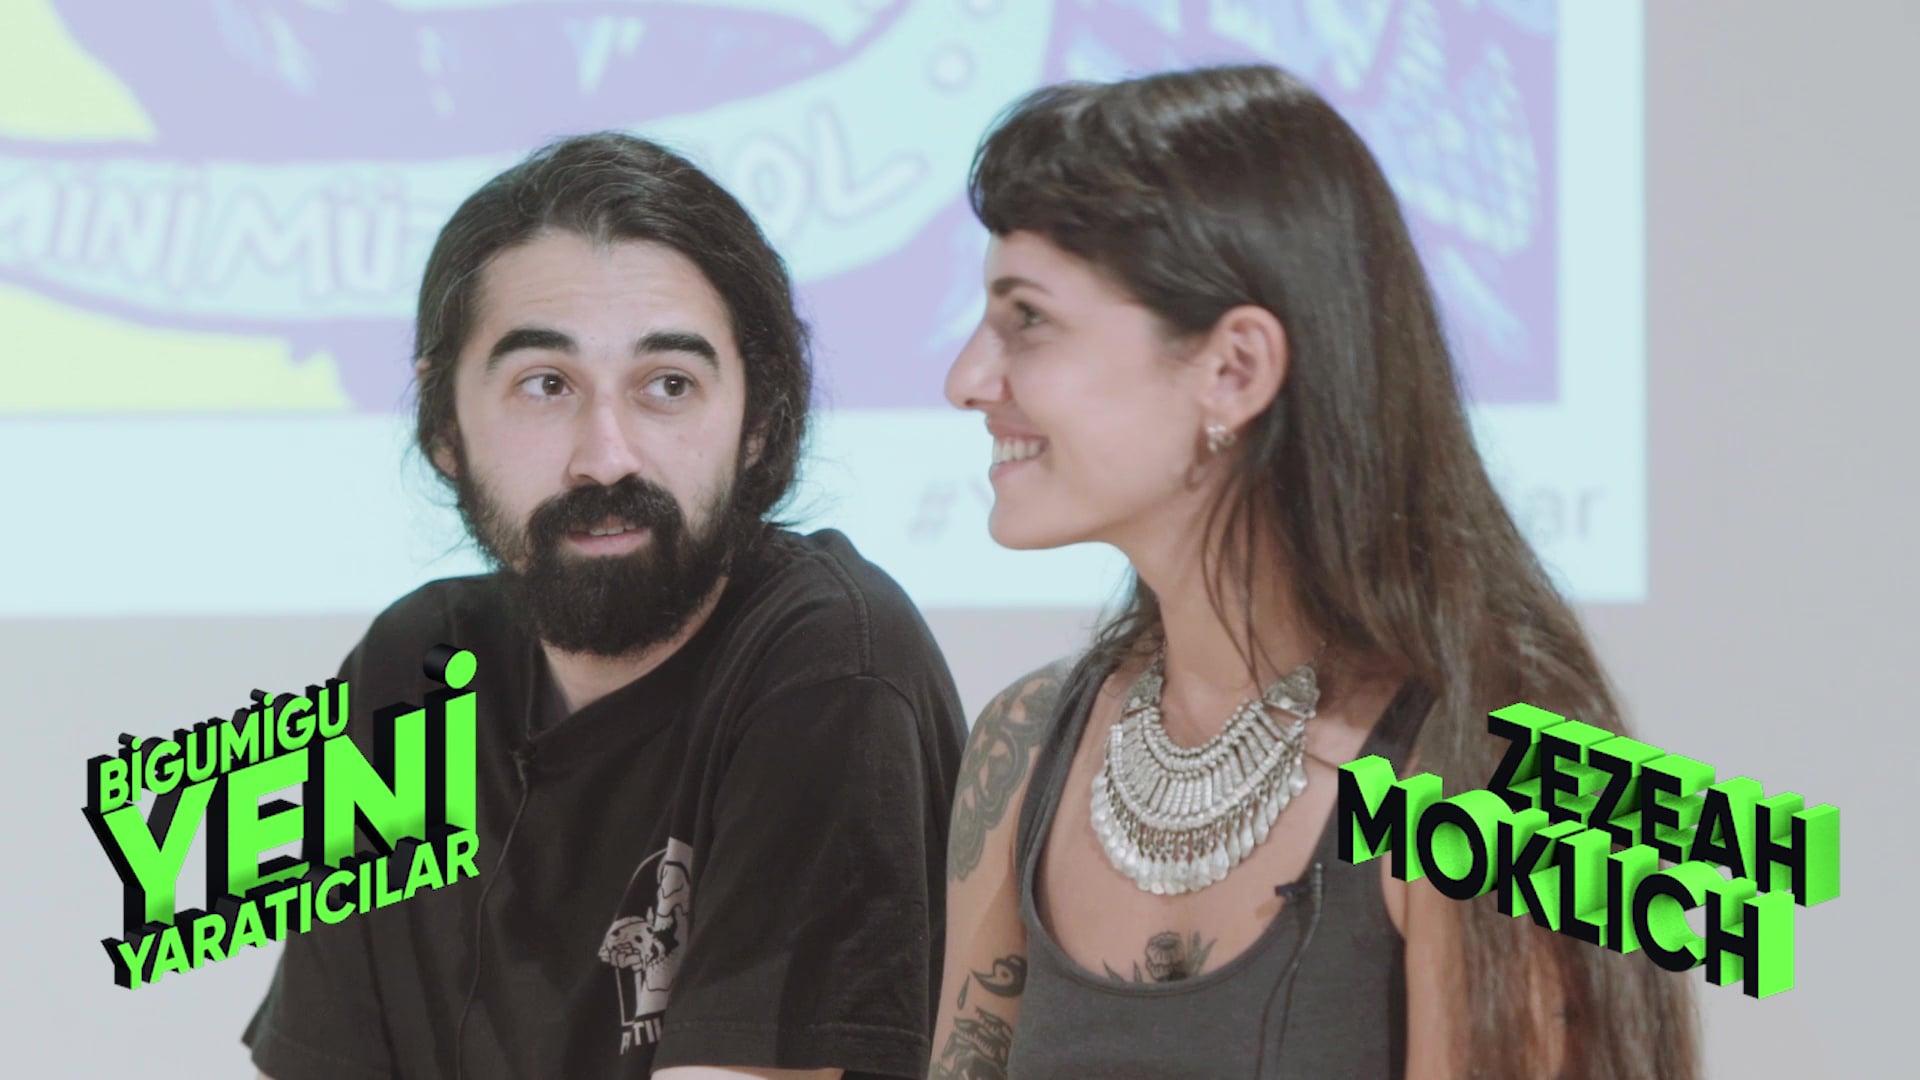 Etkinliğin Ardından: Yeni Yaratıcılar – Moklich ve Zezeah